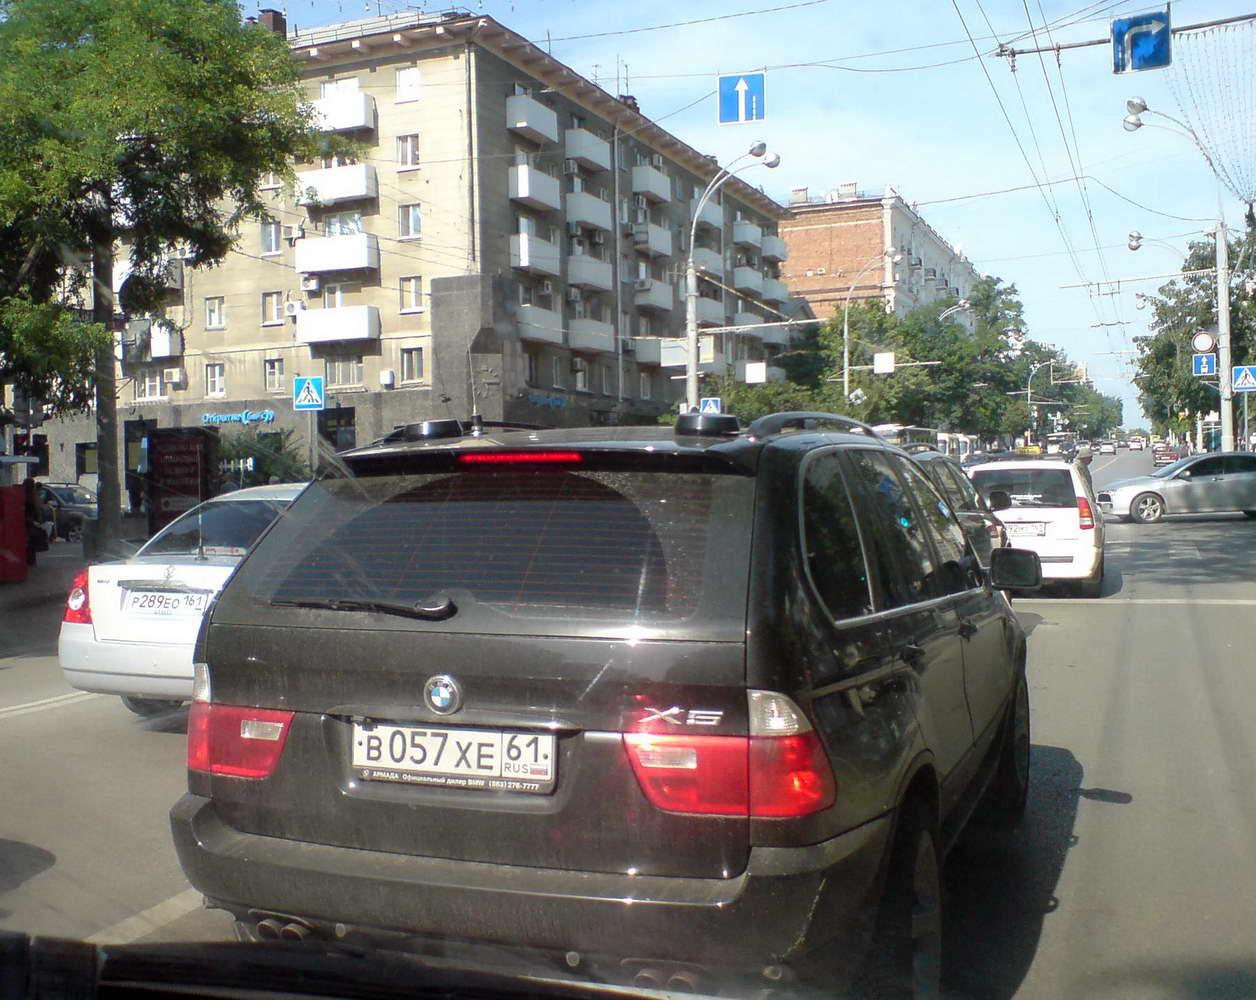 Фото на крыше авто